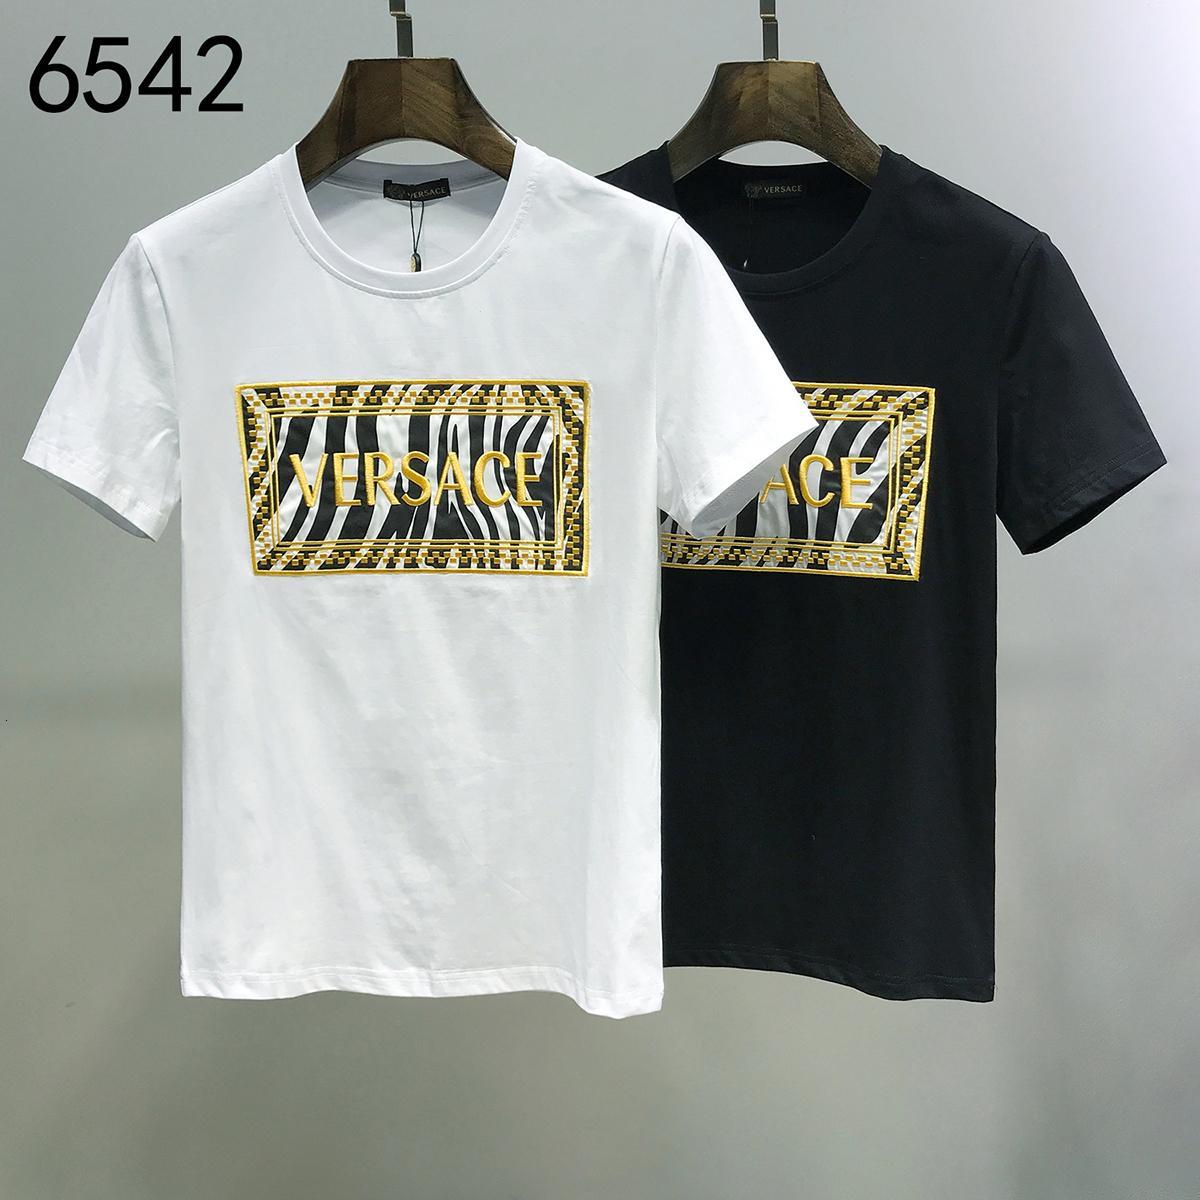 Nouvelle arrivée printemps et hommes d'impression été T-shirt décontracté Hommes Hauts pour hommes chemise T-shirt 191202-59128 * 2826